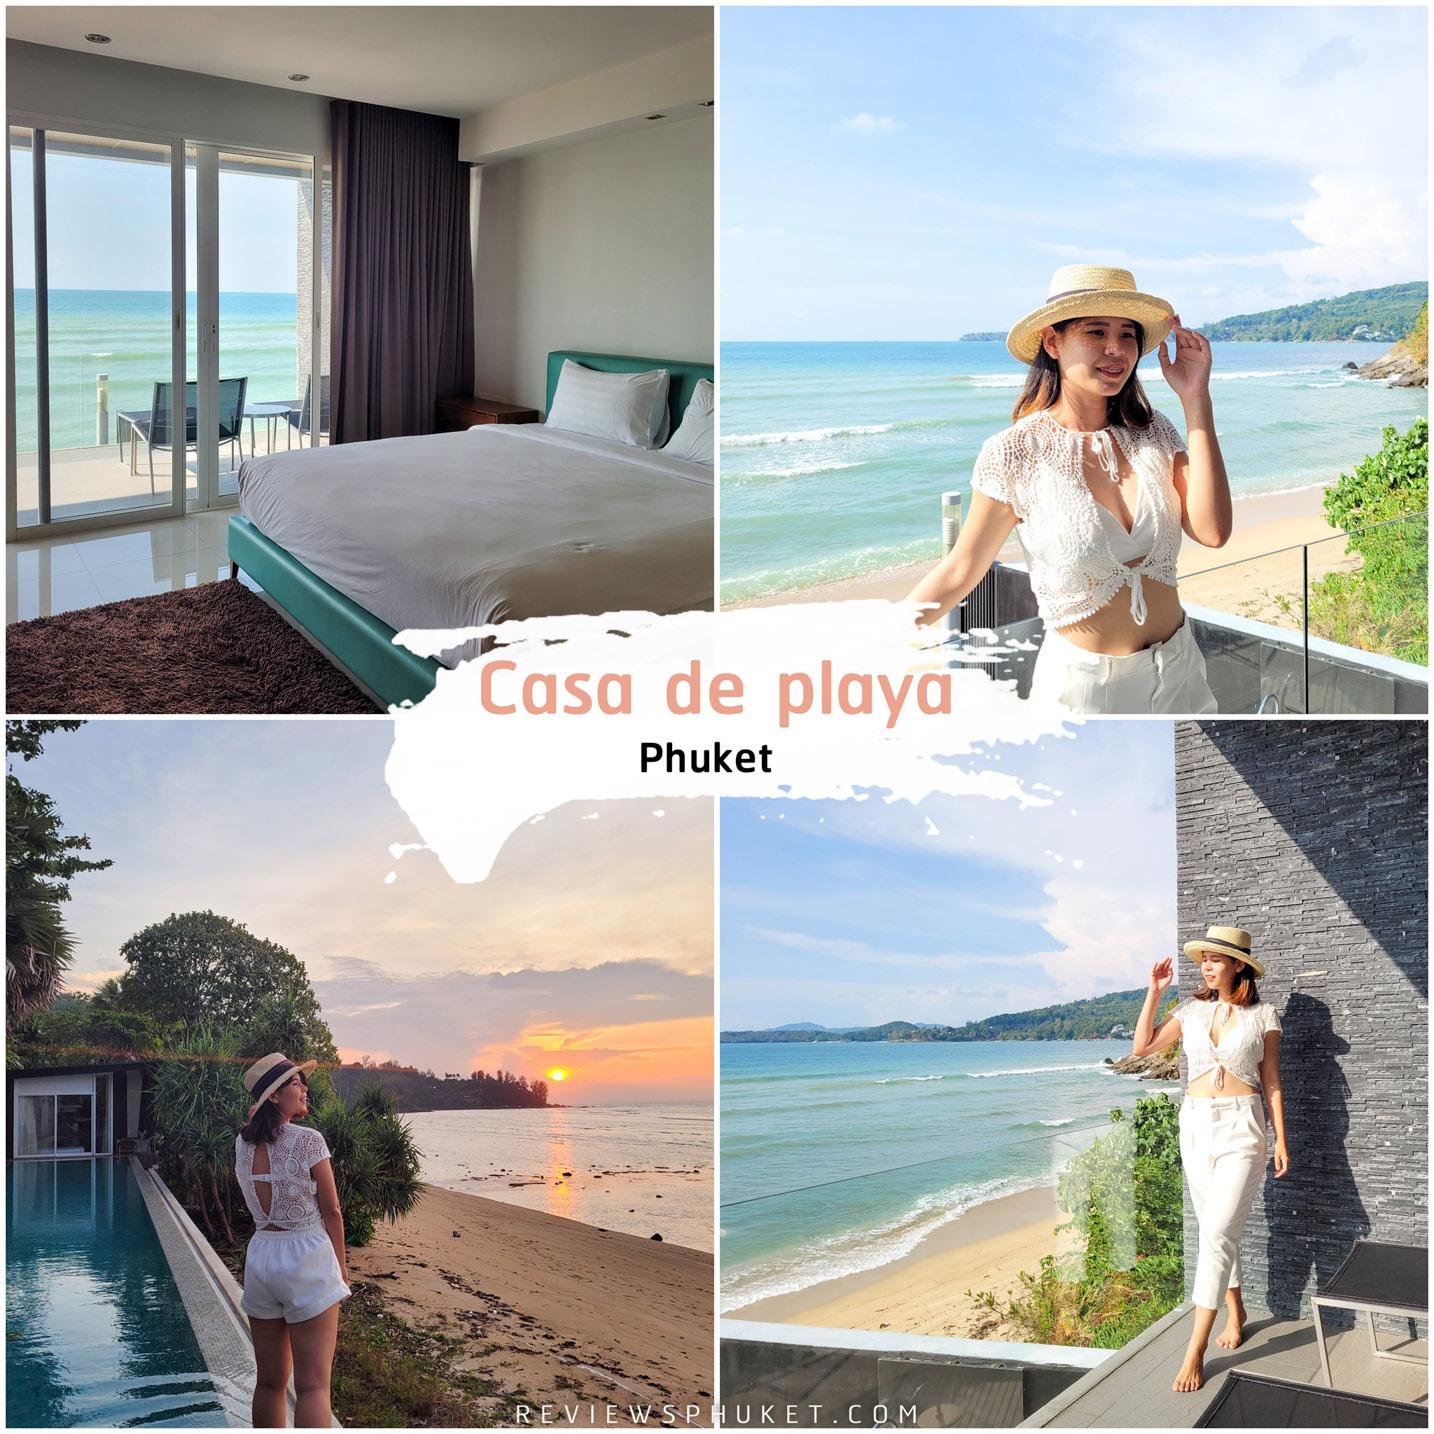 Casa-De-Playa -ที่พักสุดสวยติดทะเล-ให้บรรยากาศเงียบสงบหาดสวยน้ำใส-หาดทรายสะอาดสบายตา-ตอนเย็นแสงสวยมากเลยเด้ออ  ที่พักภูเก็ต,ที่พักหรู,วิวหลักล้าน,ริมทะเล,โรงแรม,รีสอร์ท,Phuket,หาดสวย,น้ำใส